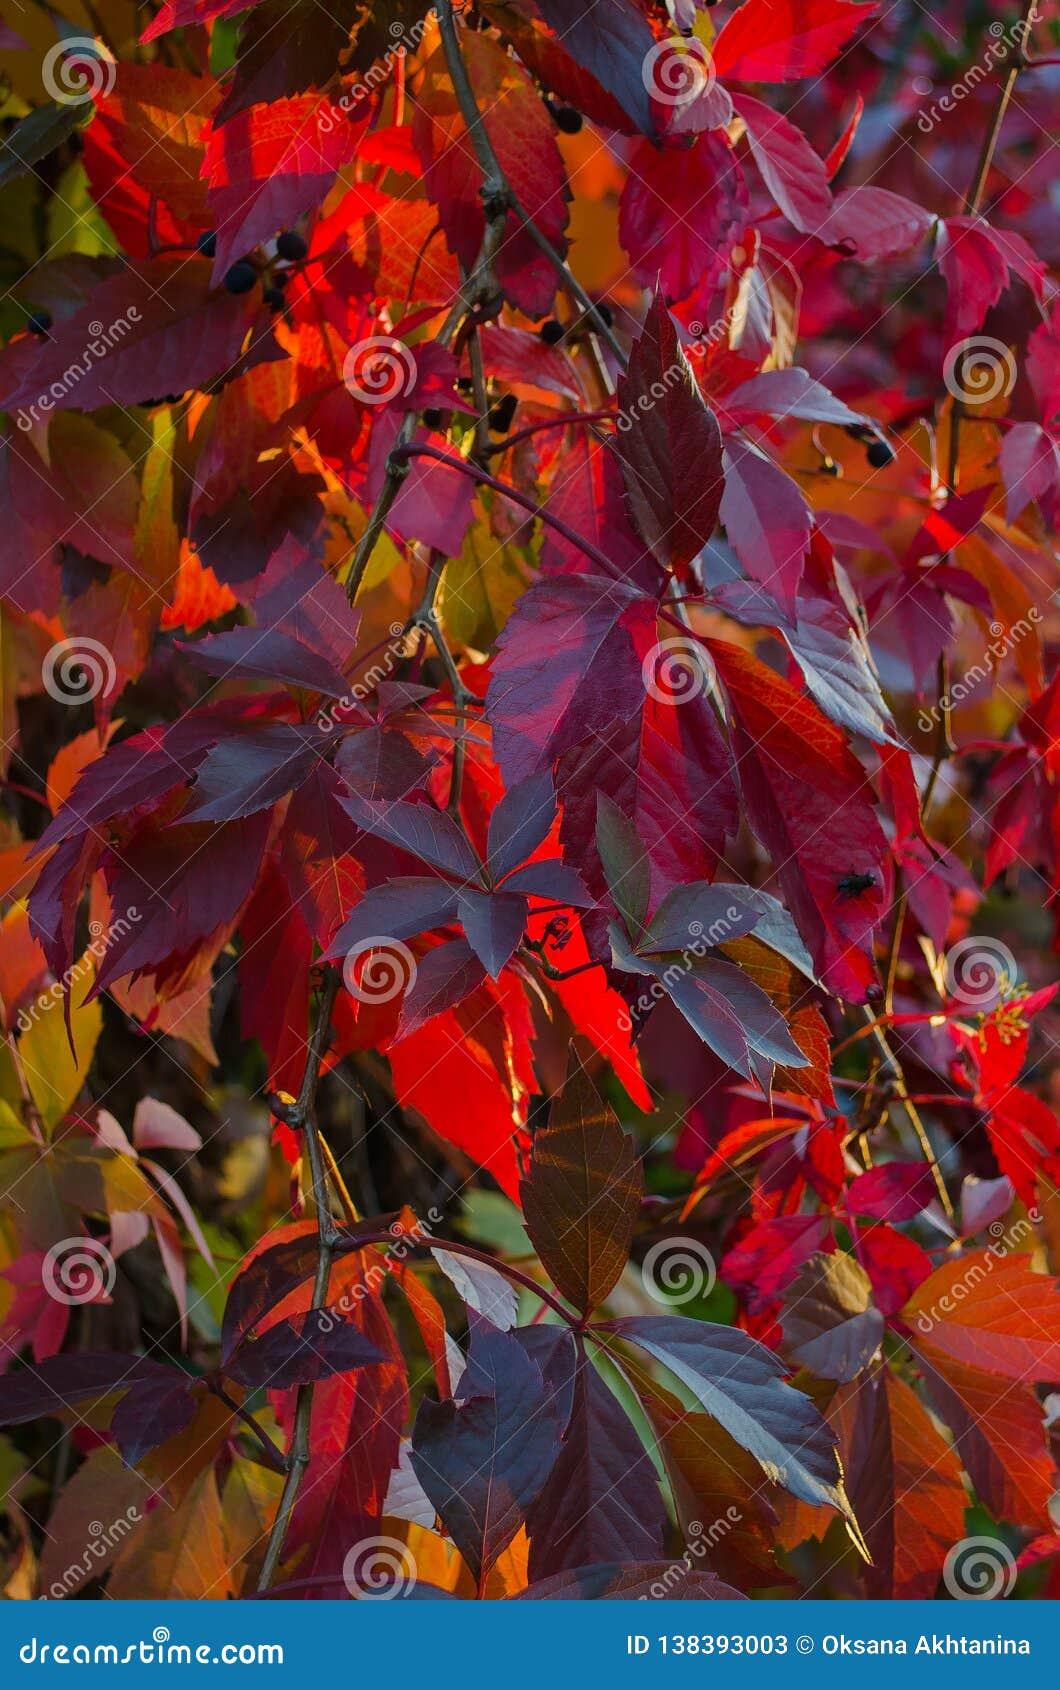 Burgundy φύλλα των παρθένων σταφυλιών